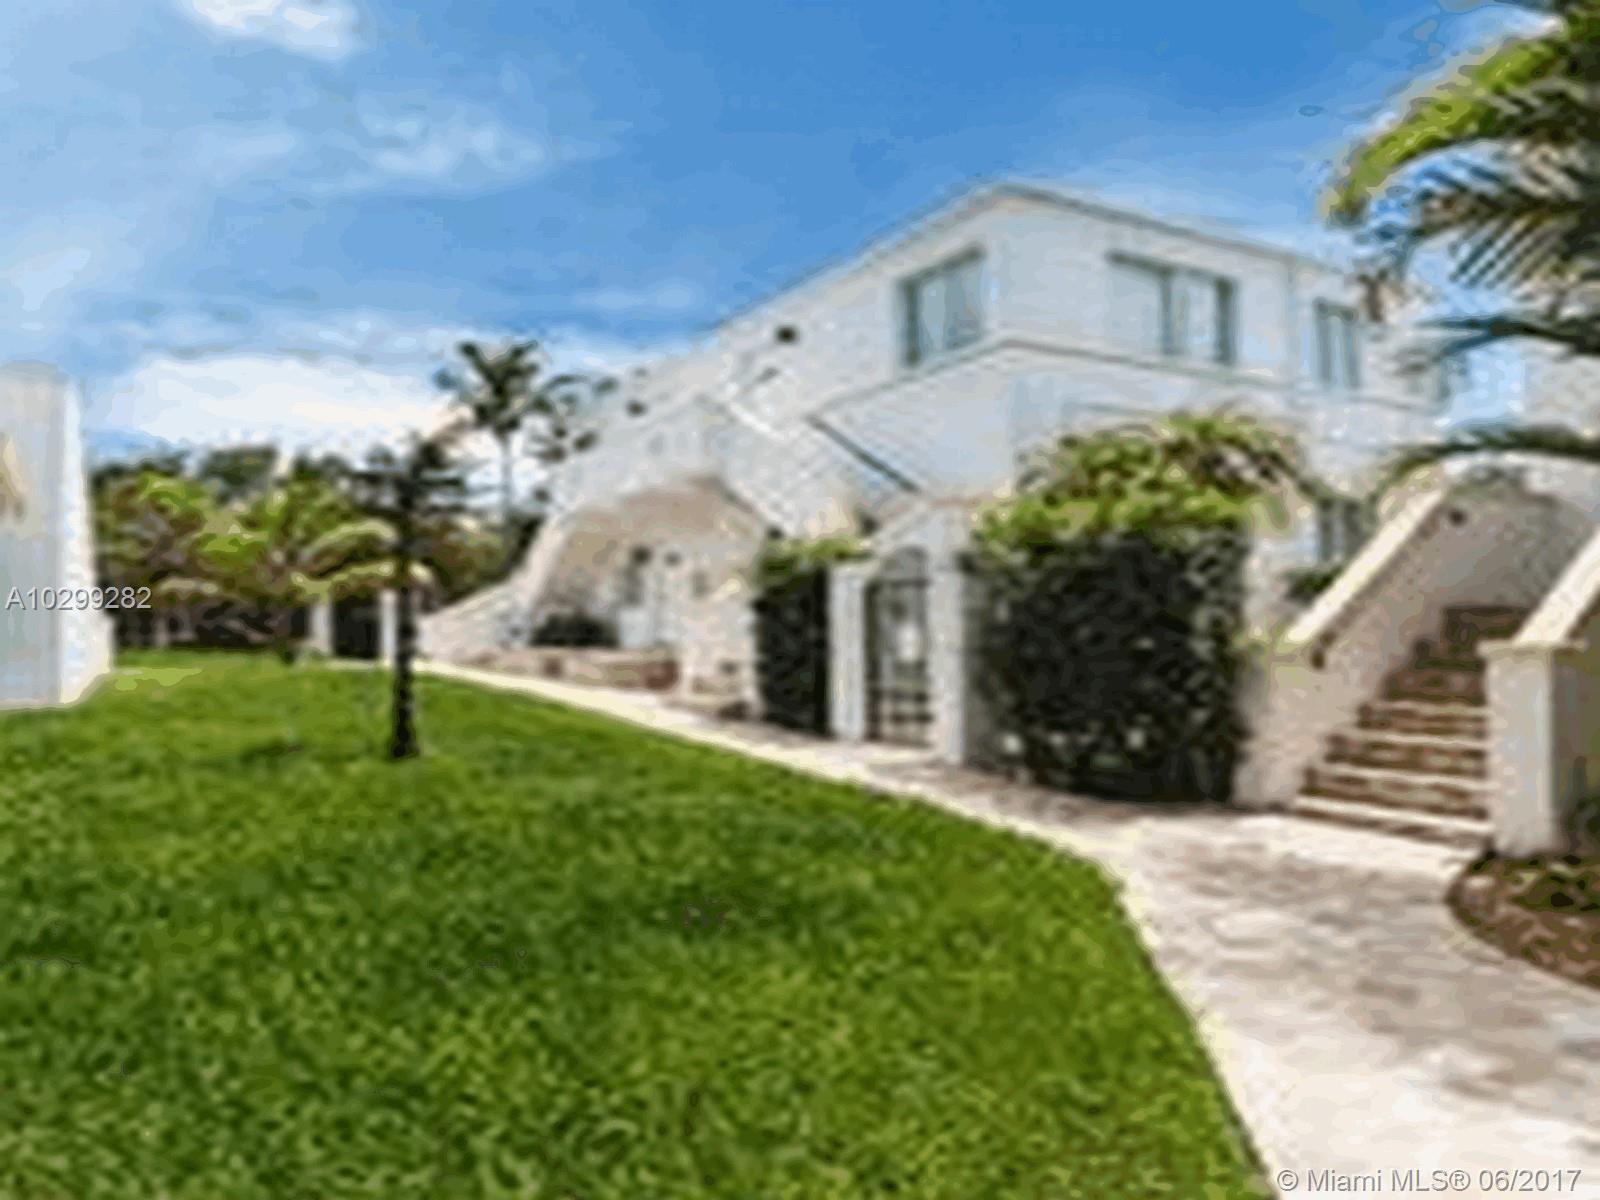 7504 NE 6th Ct # 16, Miami, FL 33138